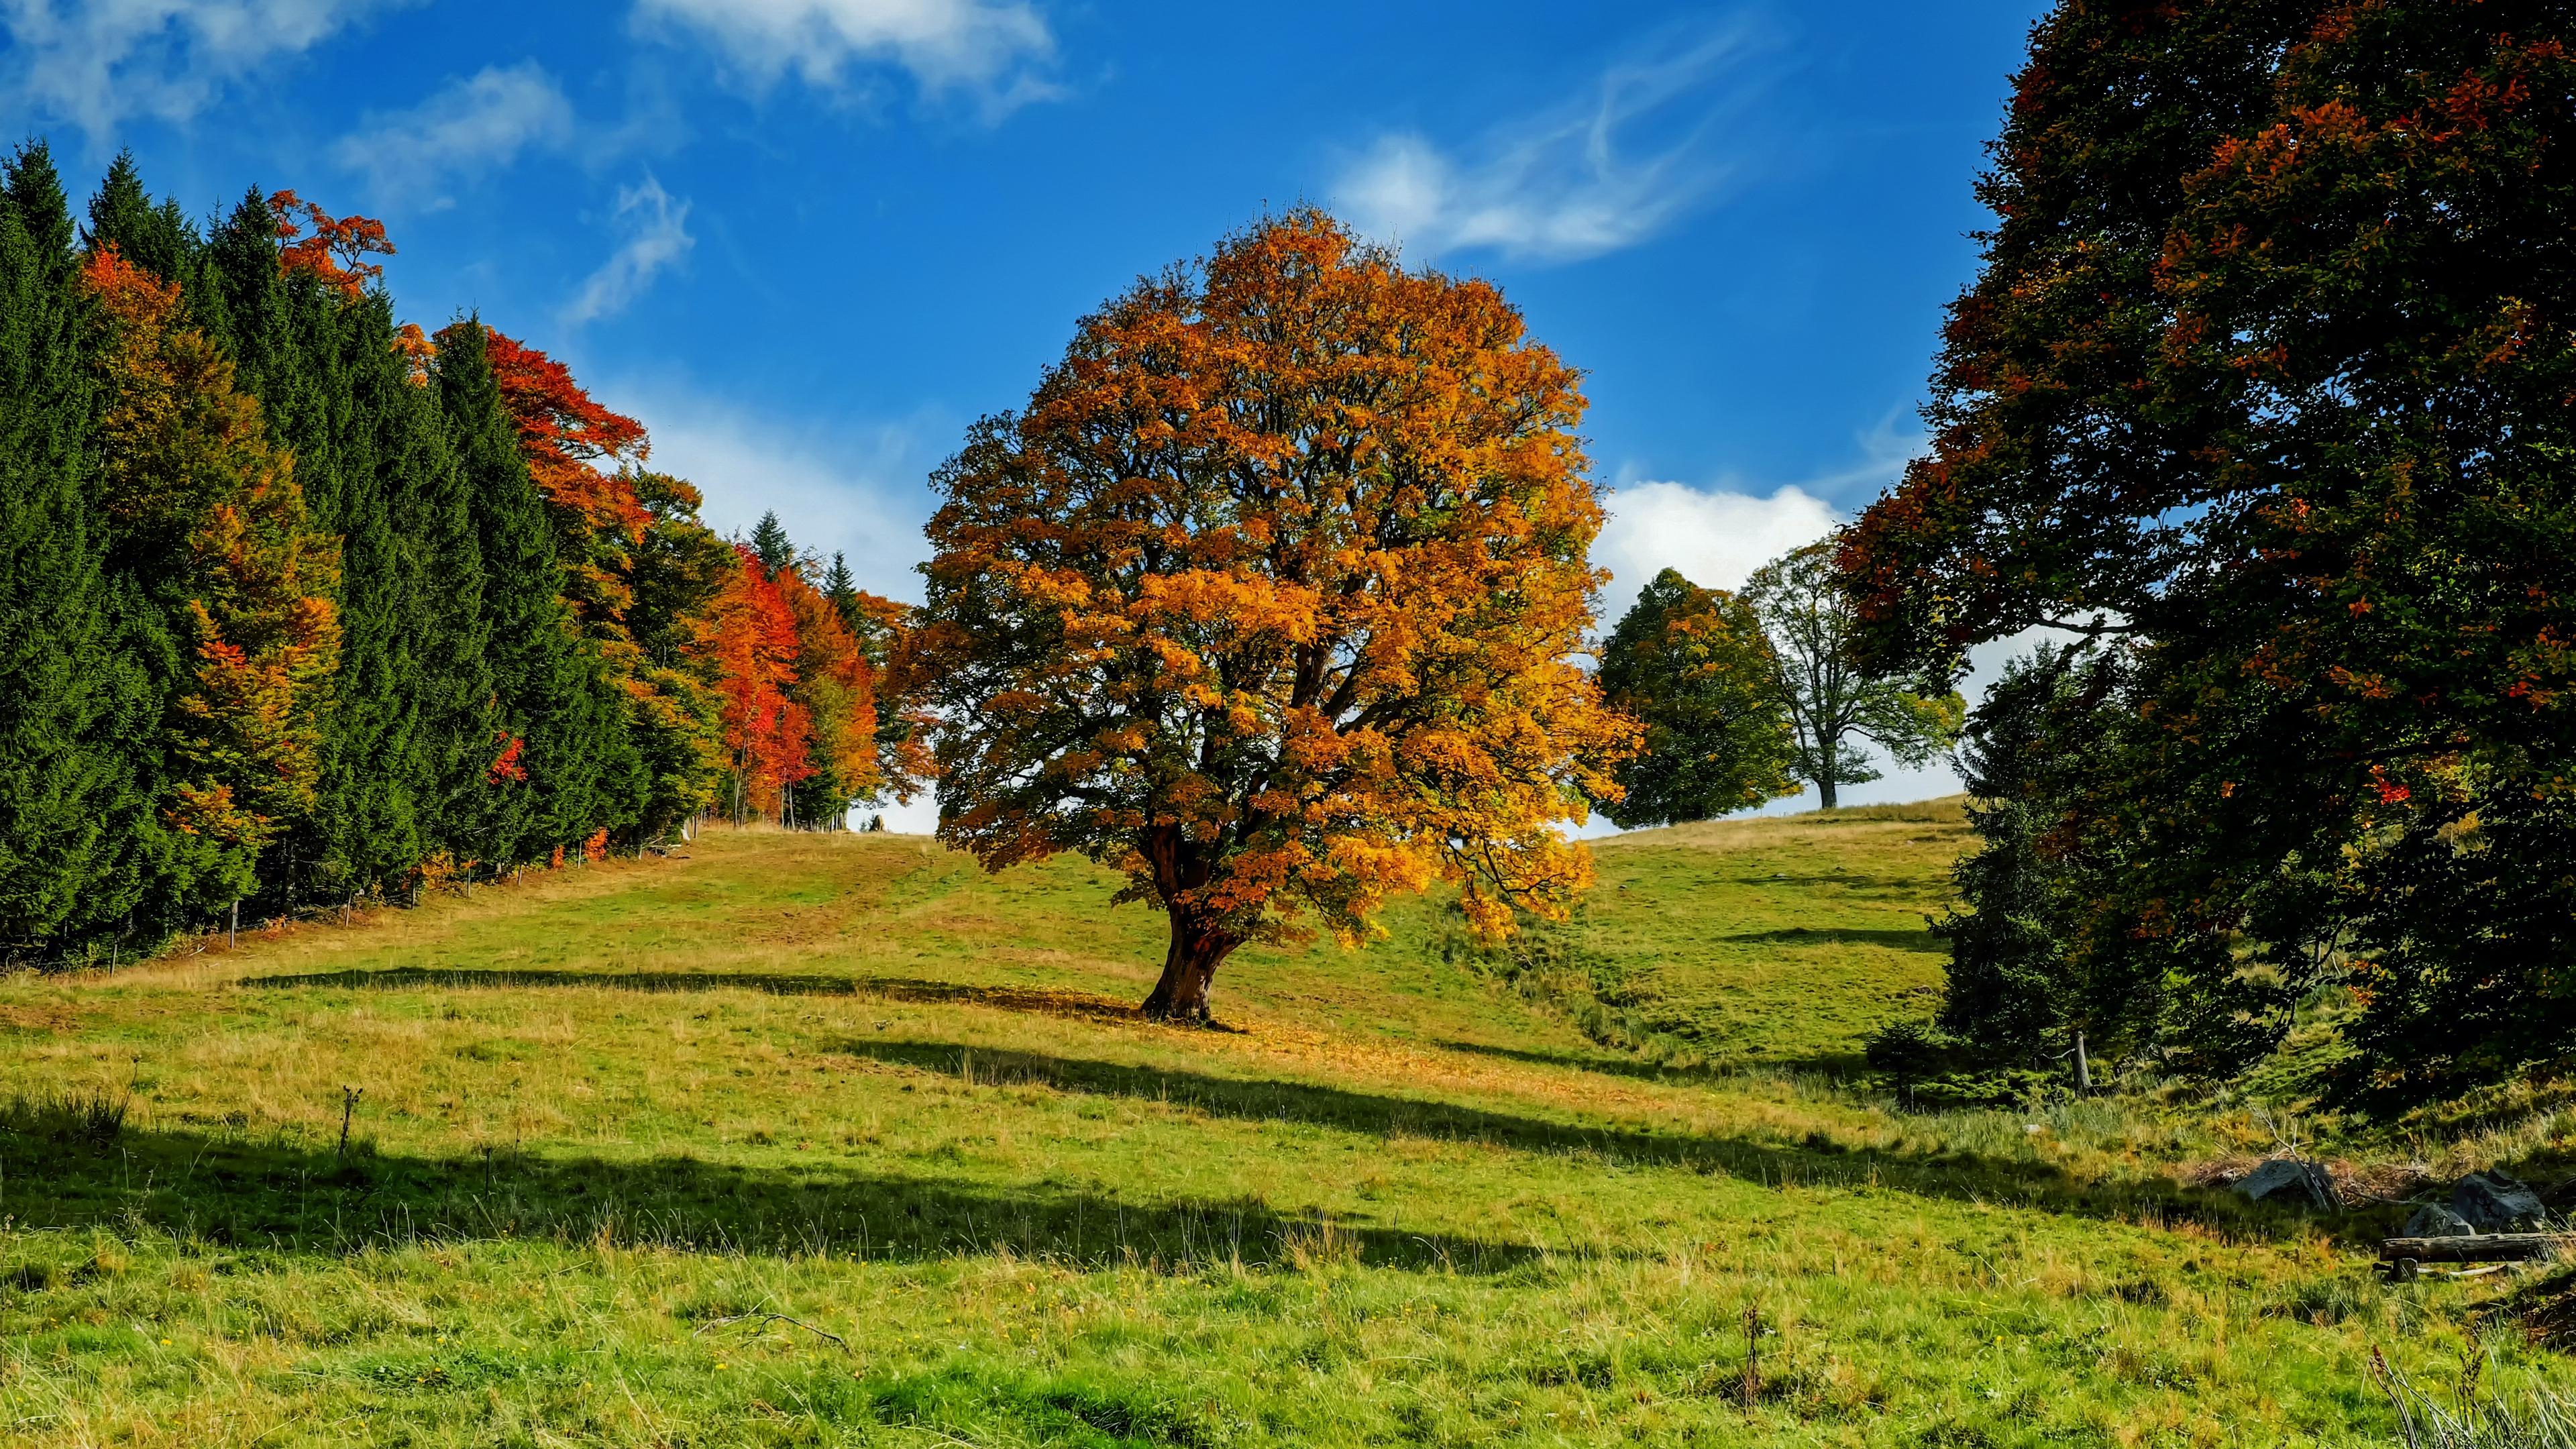 tree autumn forest idyll 4k 1541116065 - tree, autumn, forest, idyll 4k - tree, Forest, Autumn